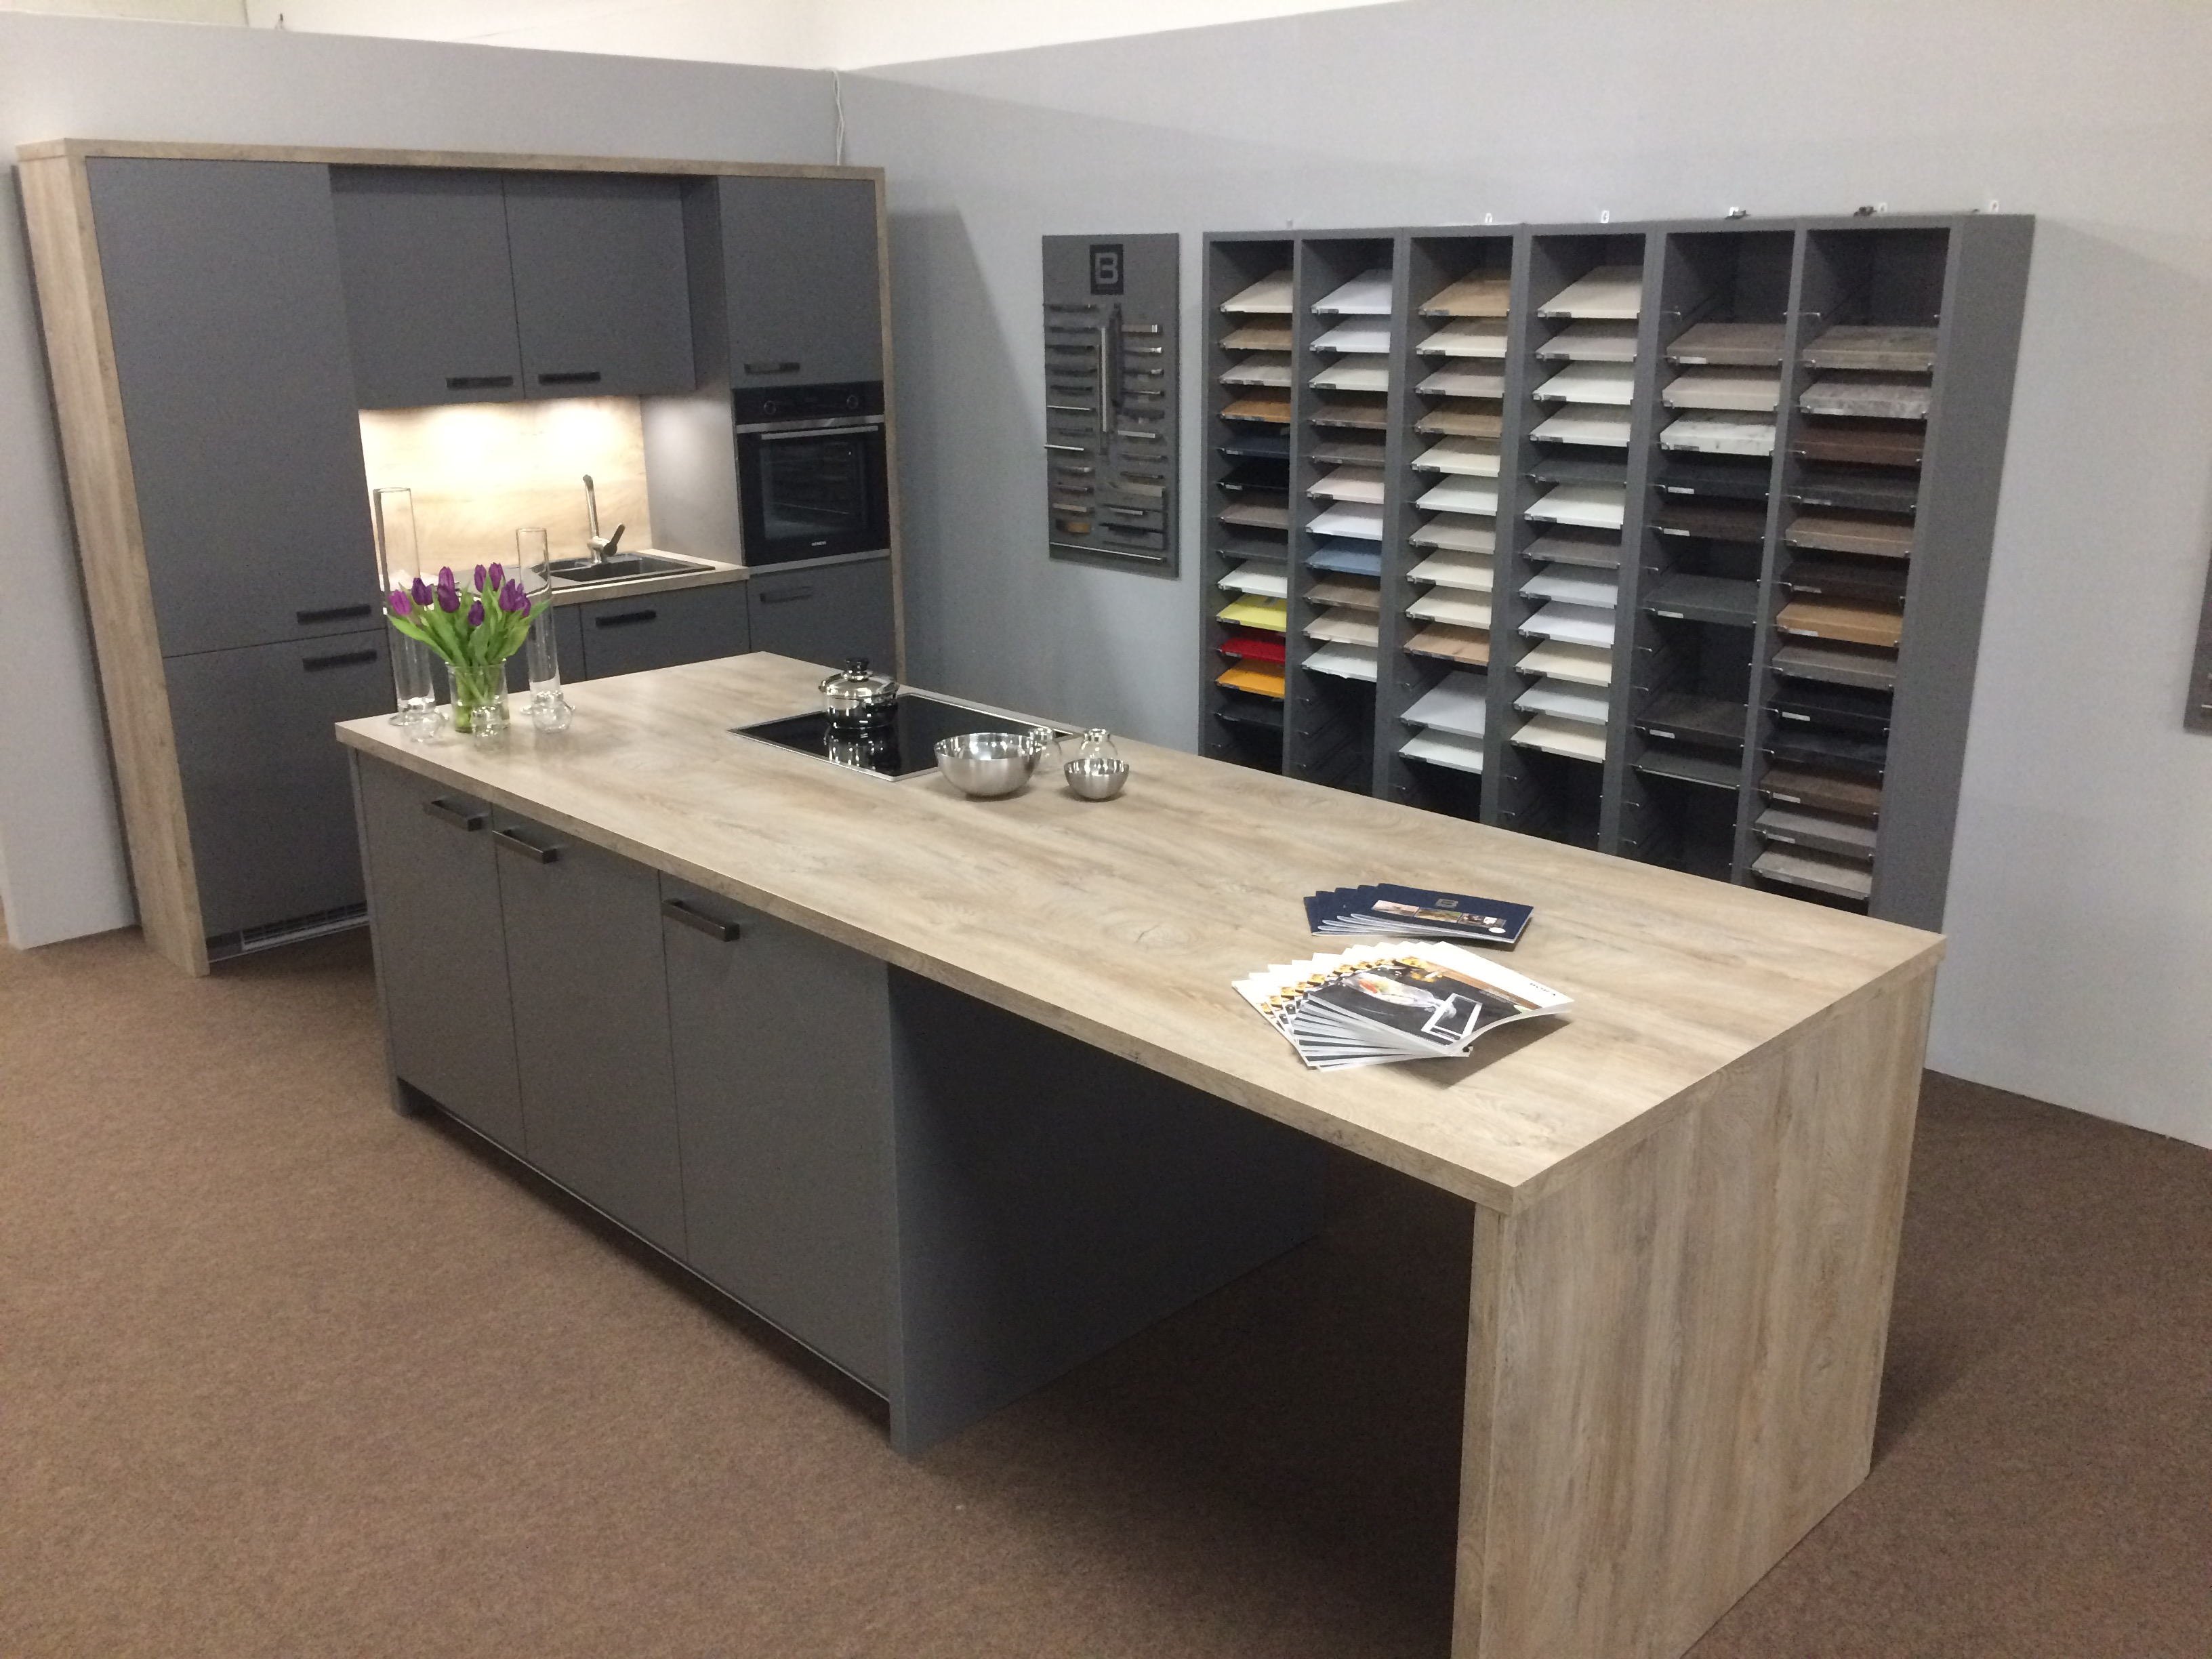 Nett Koch Und Ihre Küche Zeitgenössisch - Küche Set Ideen ...